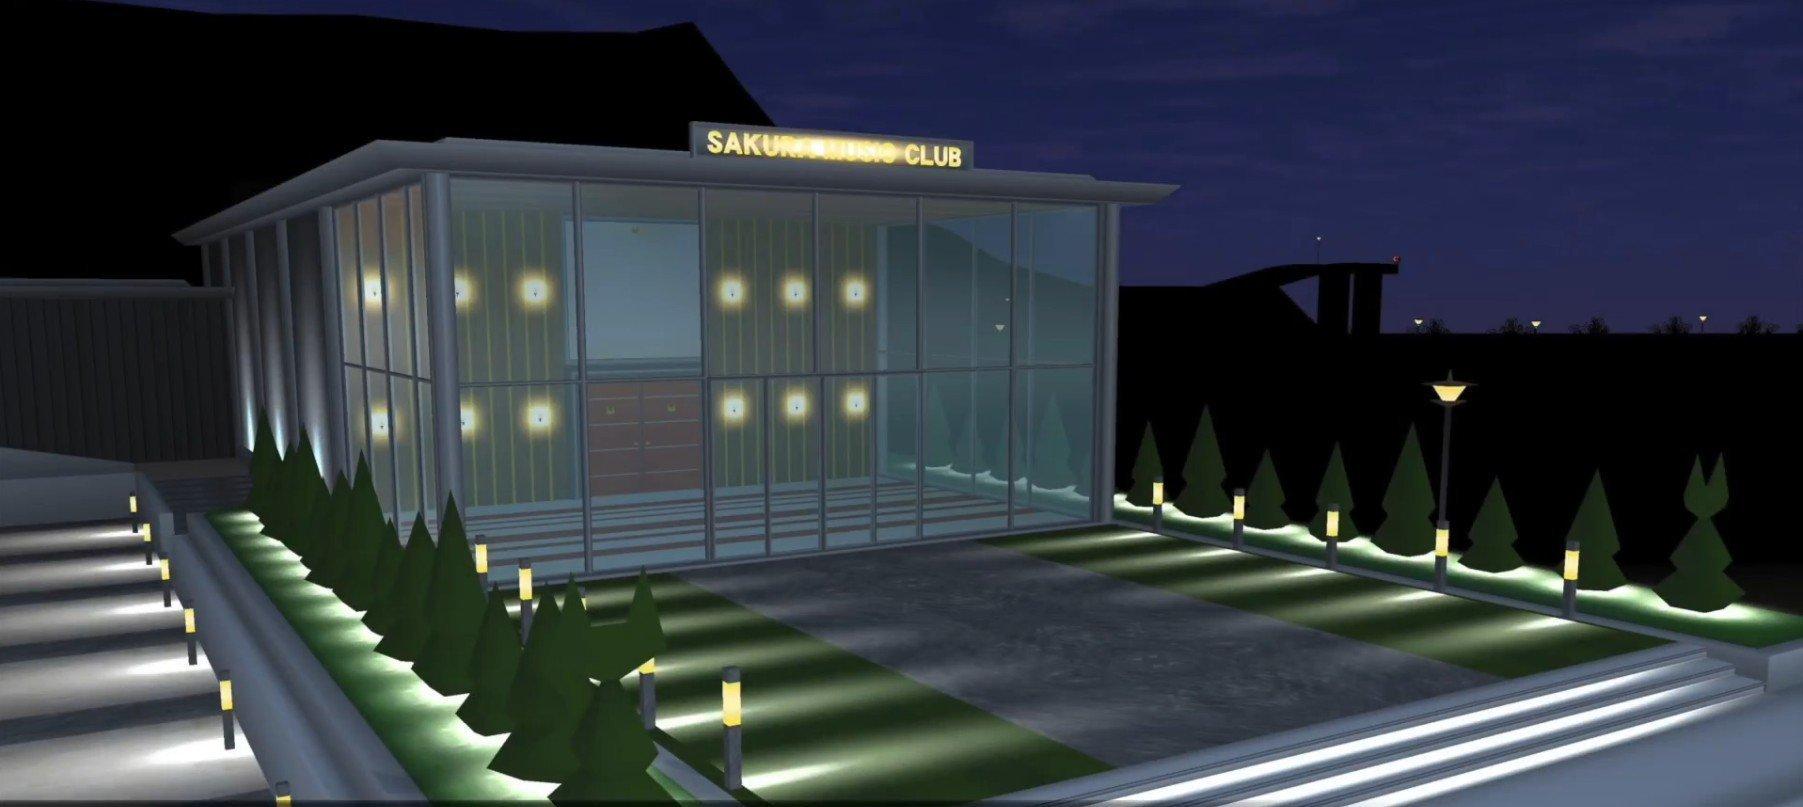 樱花校园模拟器(更新了歌厅)1